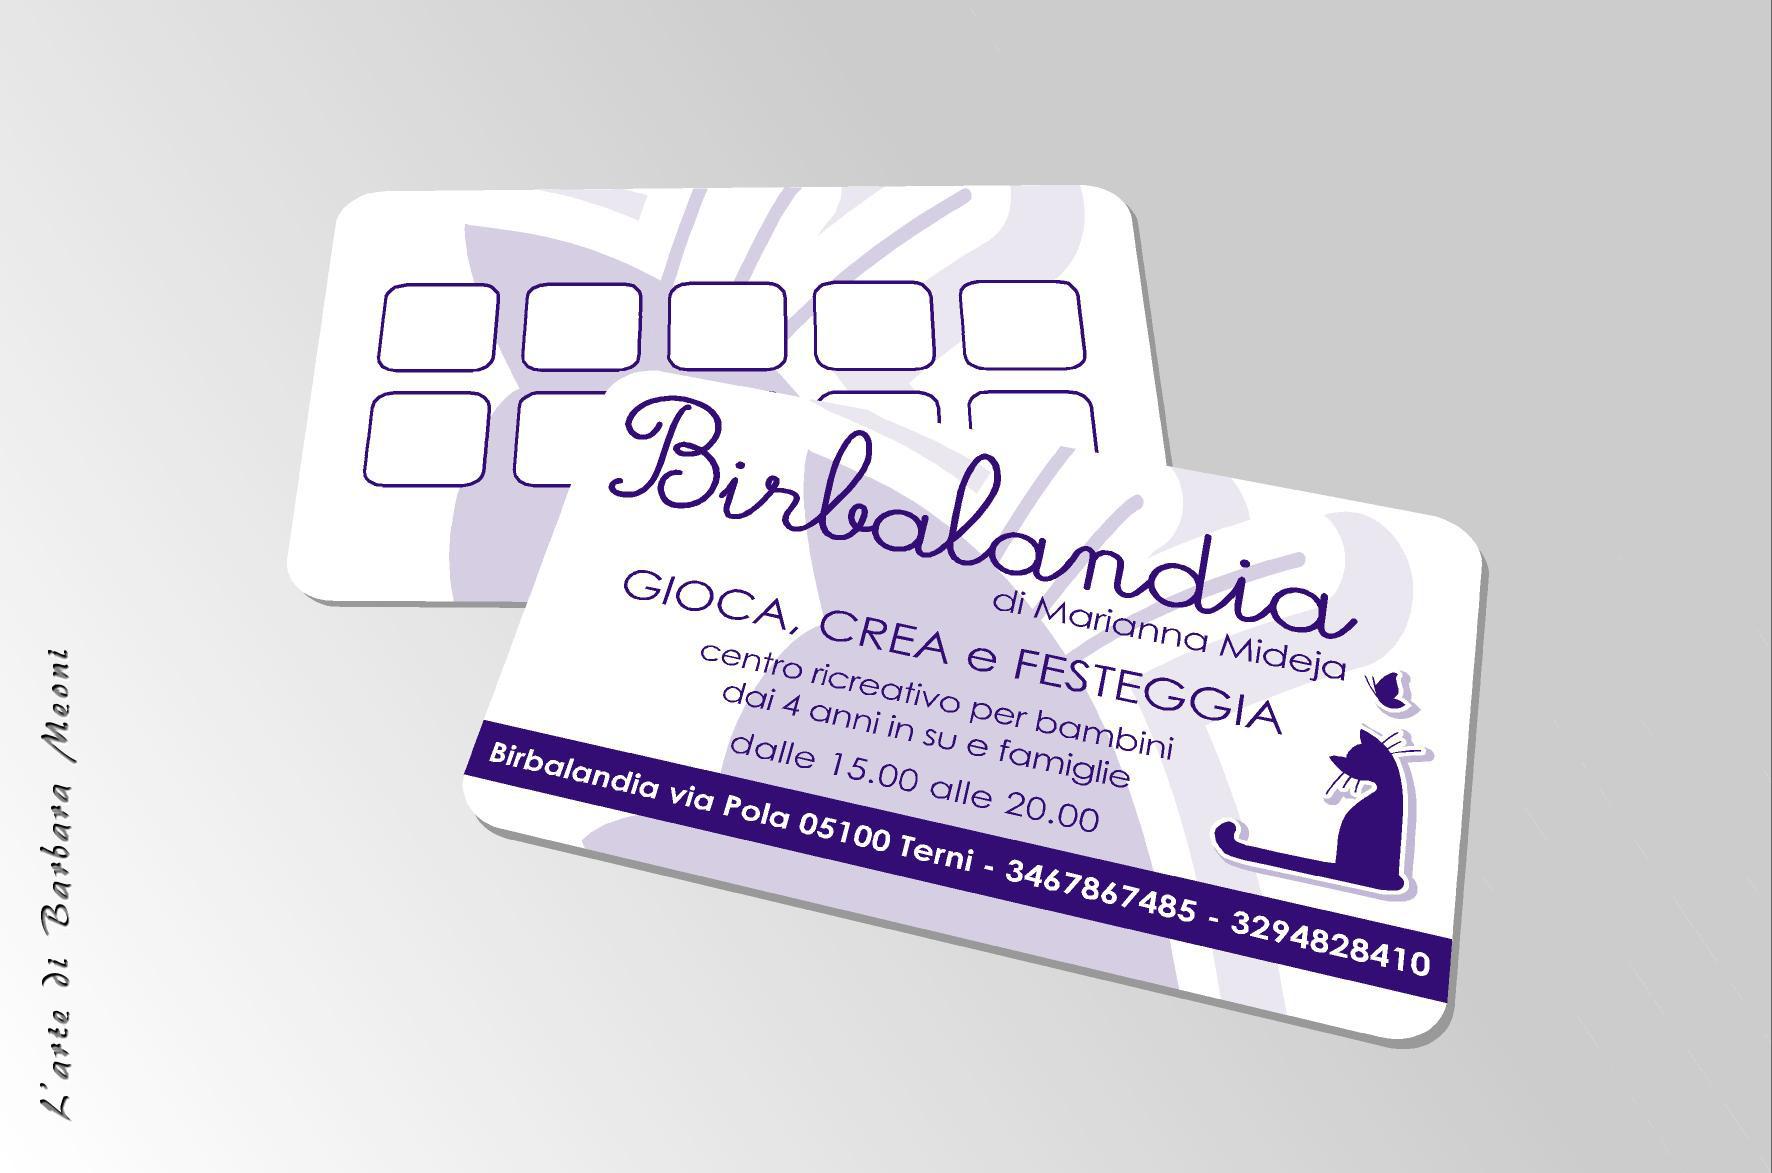 Cartolina Birbalandia - Centro ricreativo per bambini e famiglie